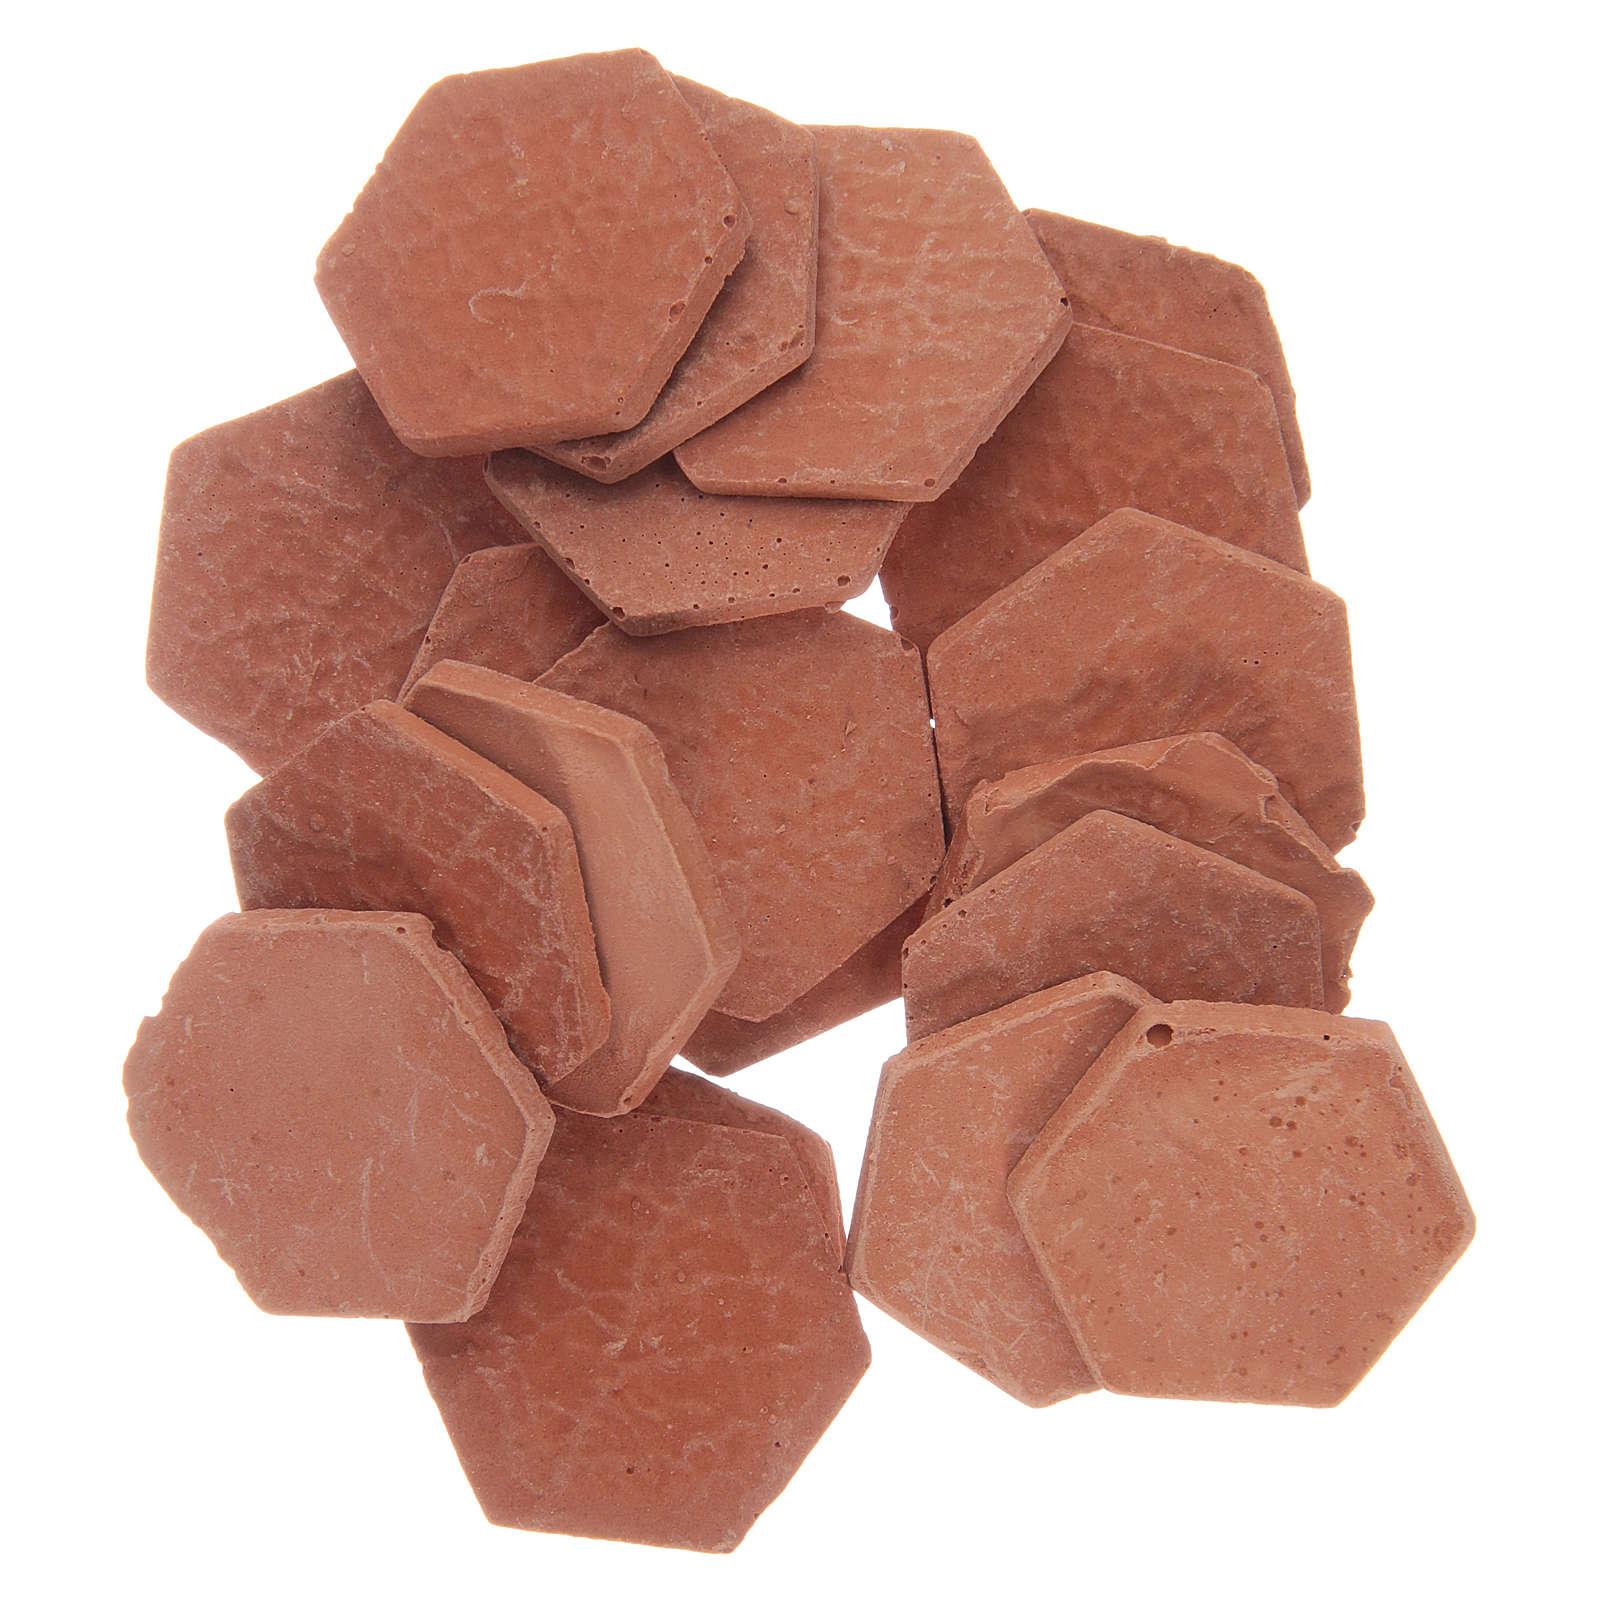 Piastrelle in resina esagonali colorazione terracotta 20 pz 4